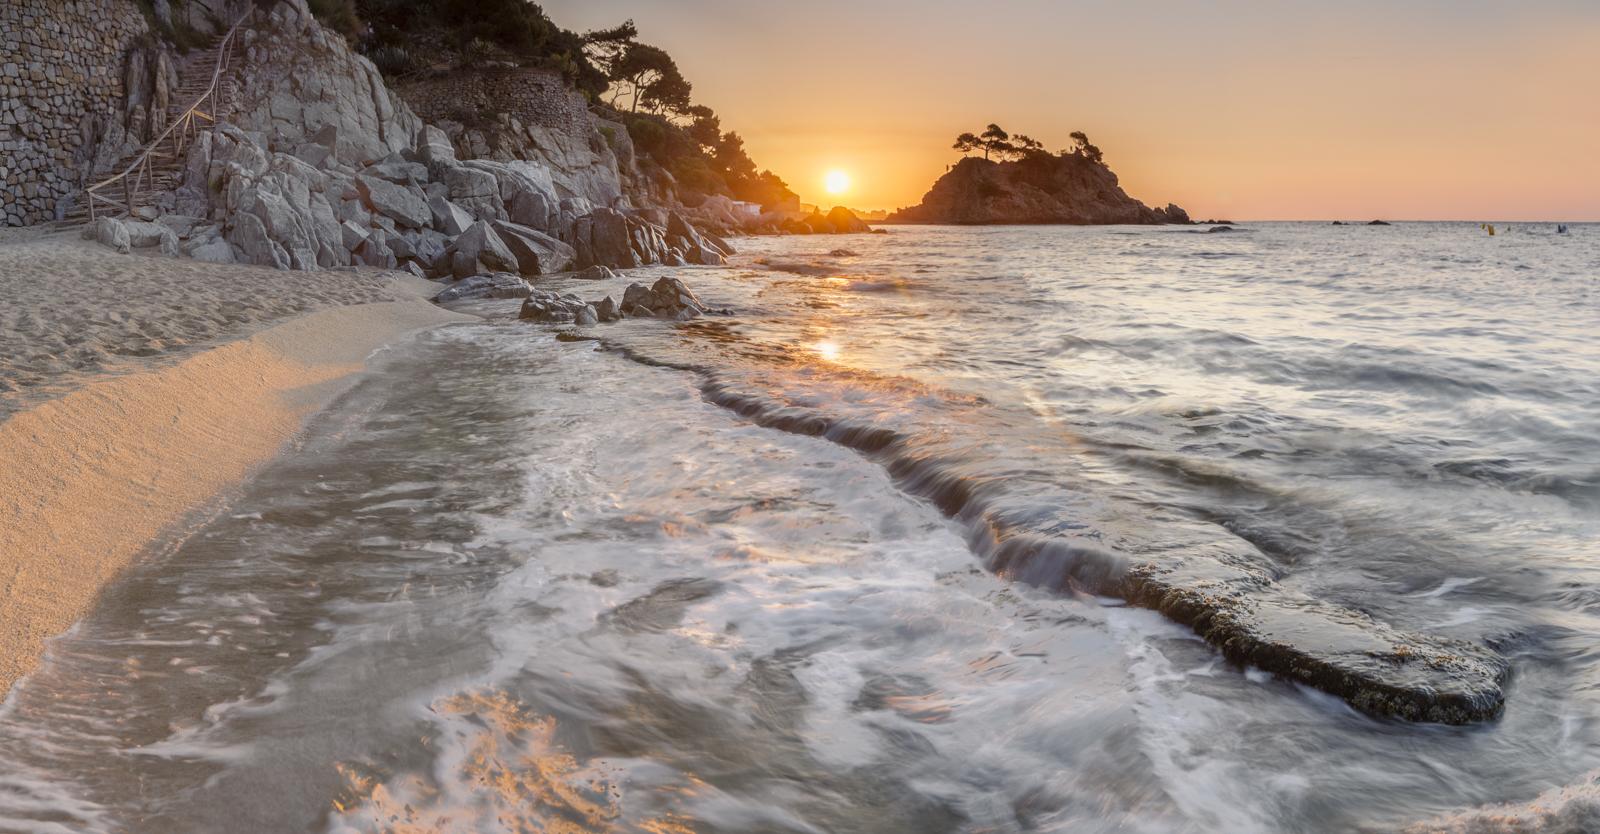 Fotografía de paisaje cala Belladona, Costa Brava, hora azul amanecer. Canon 6D, filtros Nisi, Trípode Rollei,Danilatorre,danilatorre, Dani Latorre, daniel Latorre